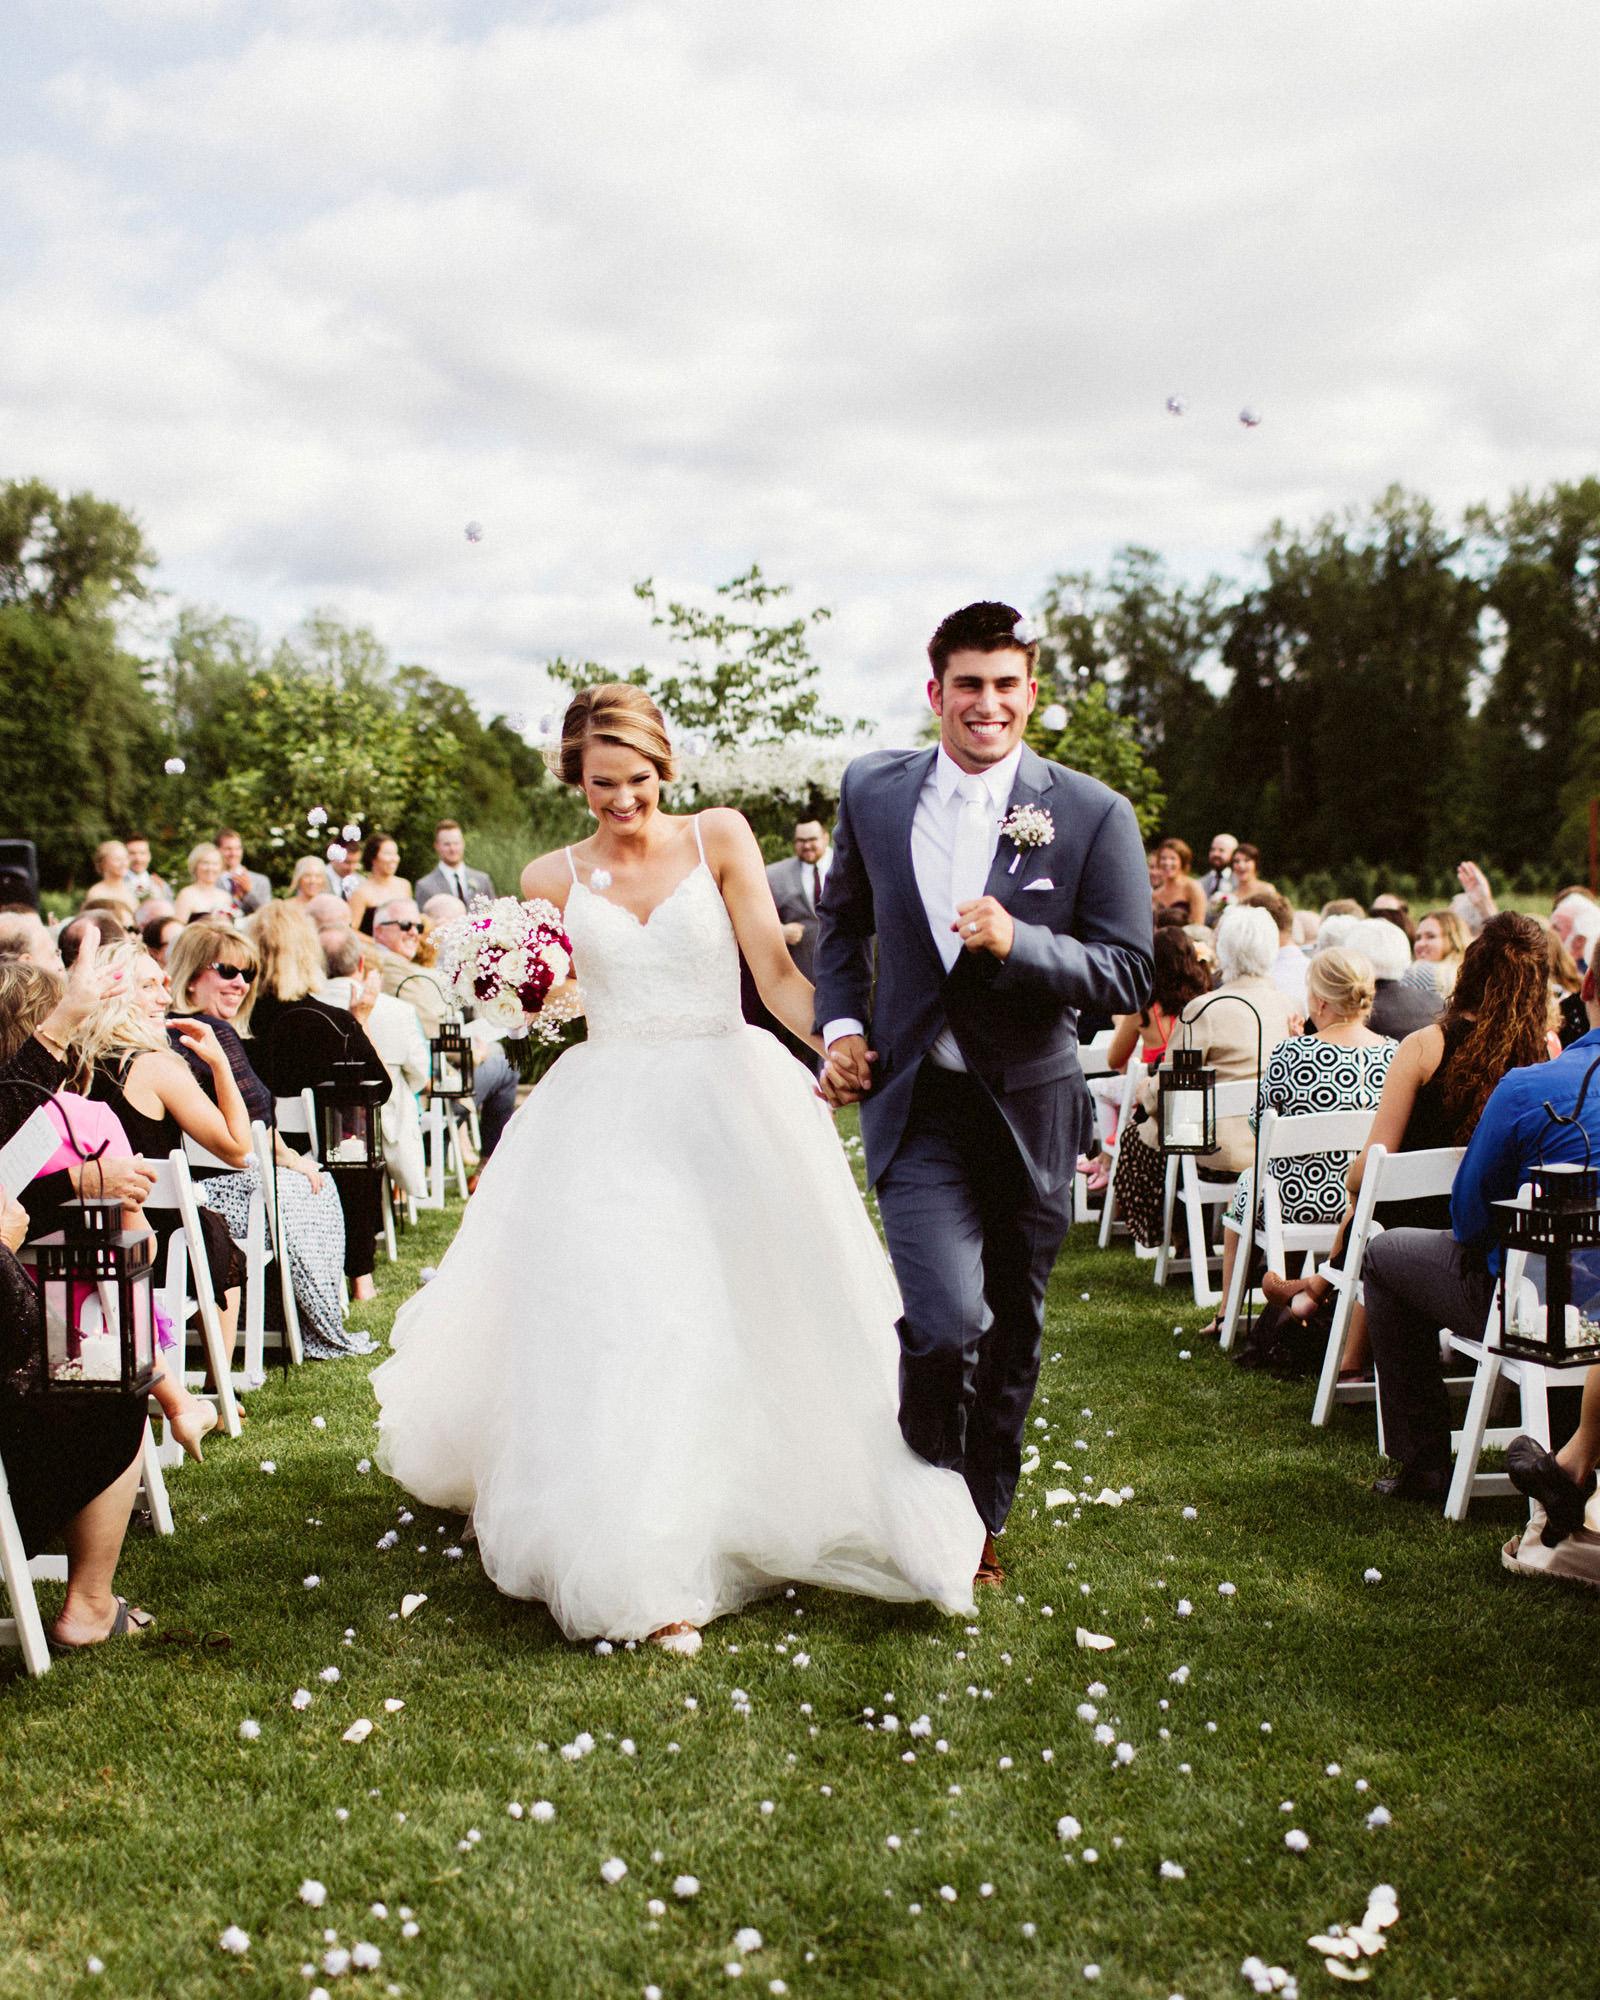 jacobregan-blog-30 SCHILLER FAMILY FARM WEDDING